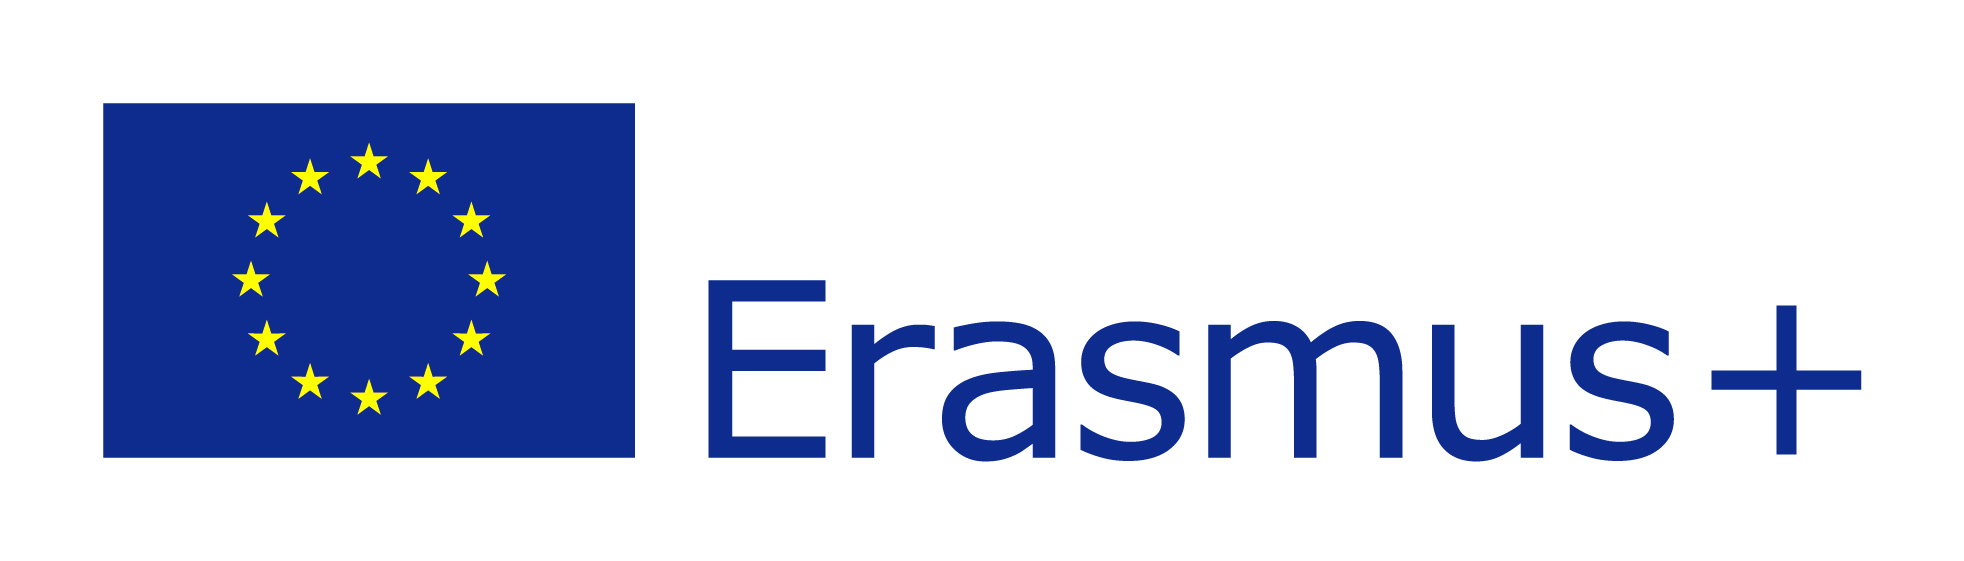 EU zászló és Erasmus+ logo